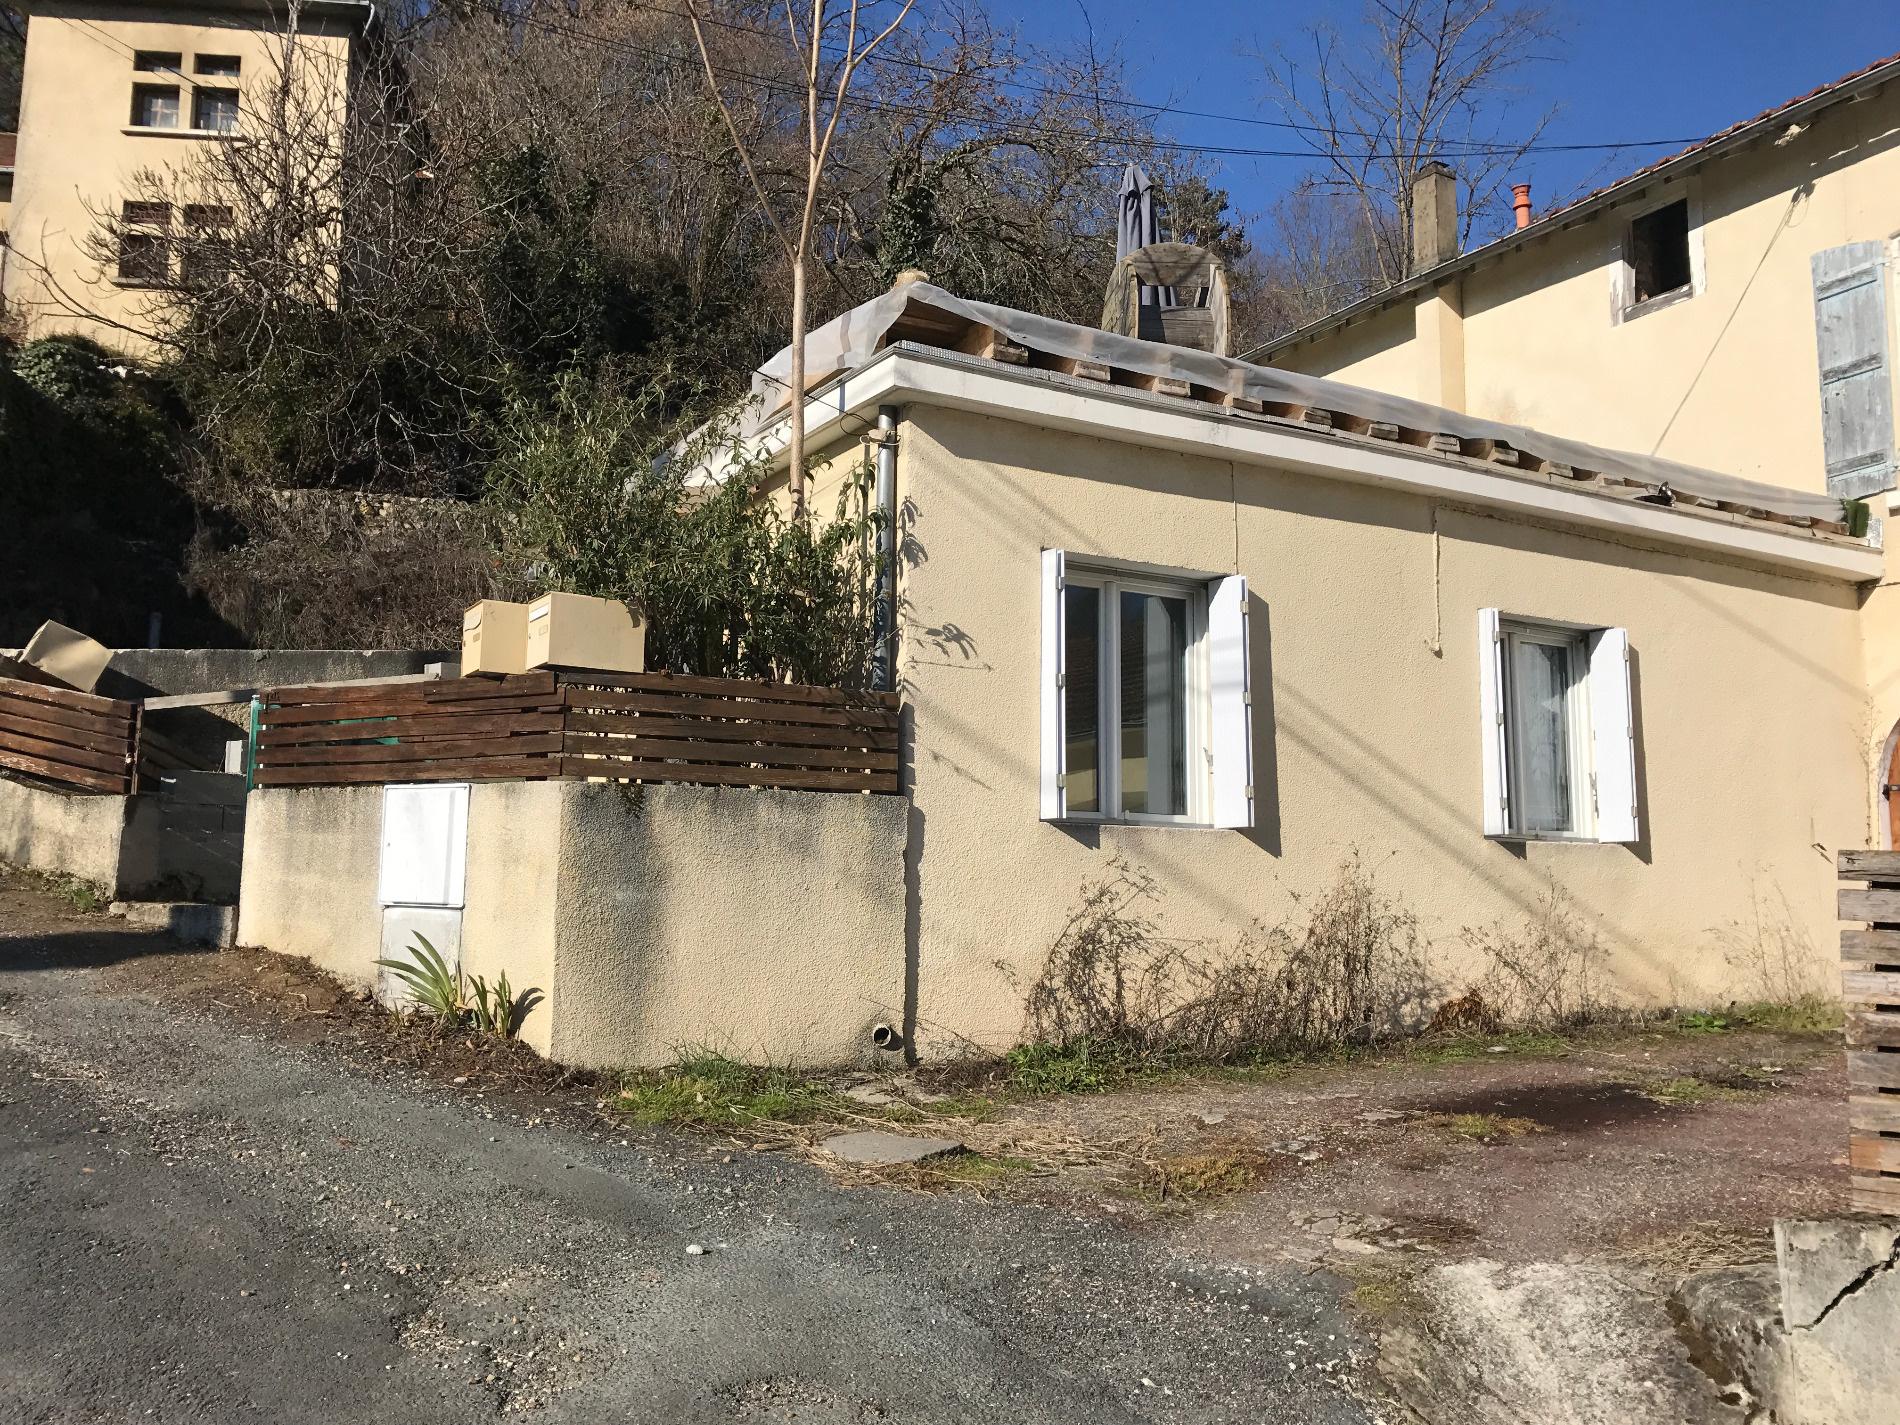 Vente maison perigueux avec beaugier immobilier for Maison perigueux